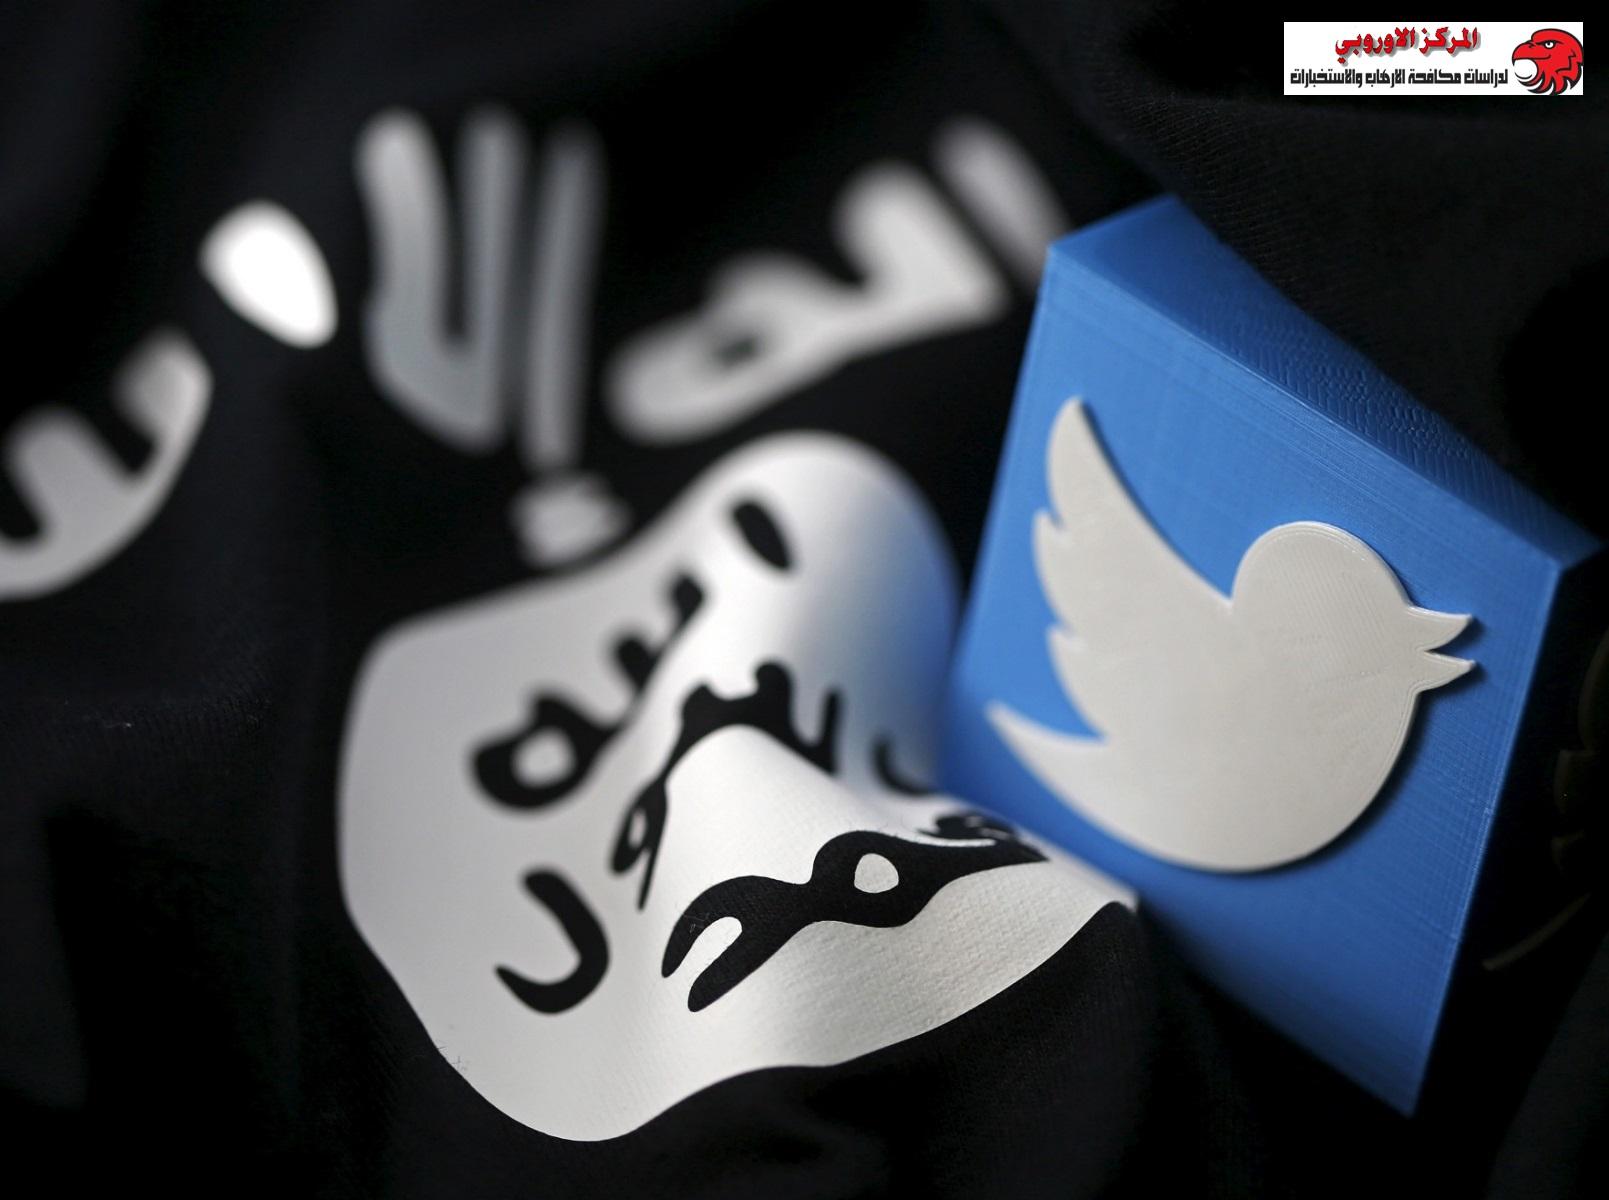 داعش من الواقع الحقيقي الى الواقع الافتراضي. بقلم  الدكتور عماد علو